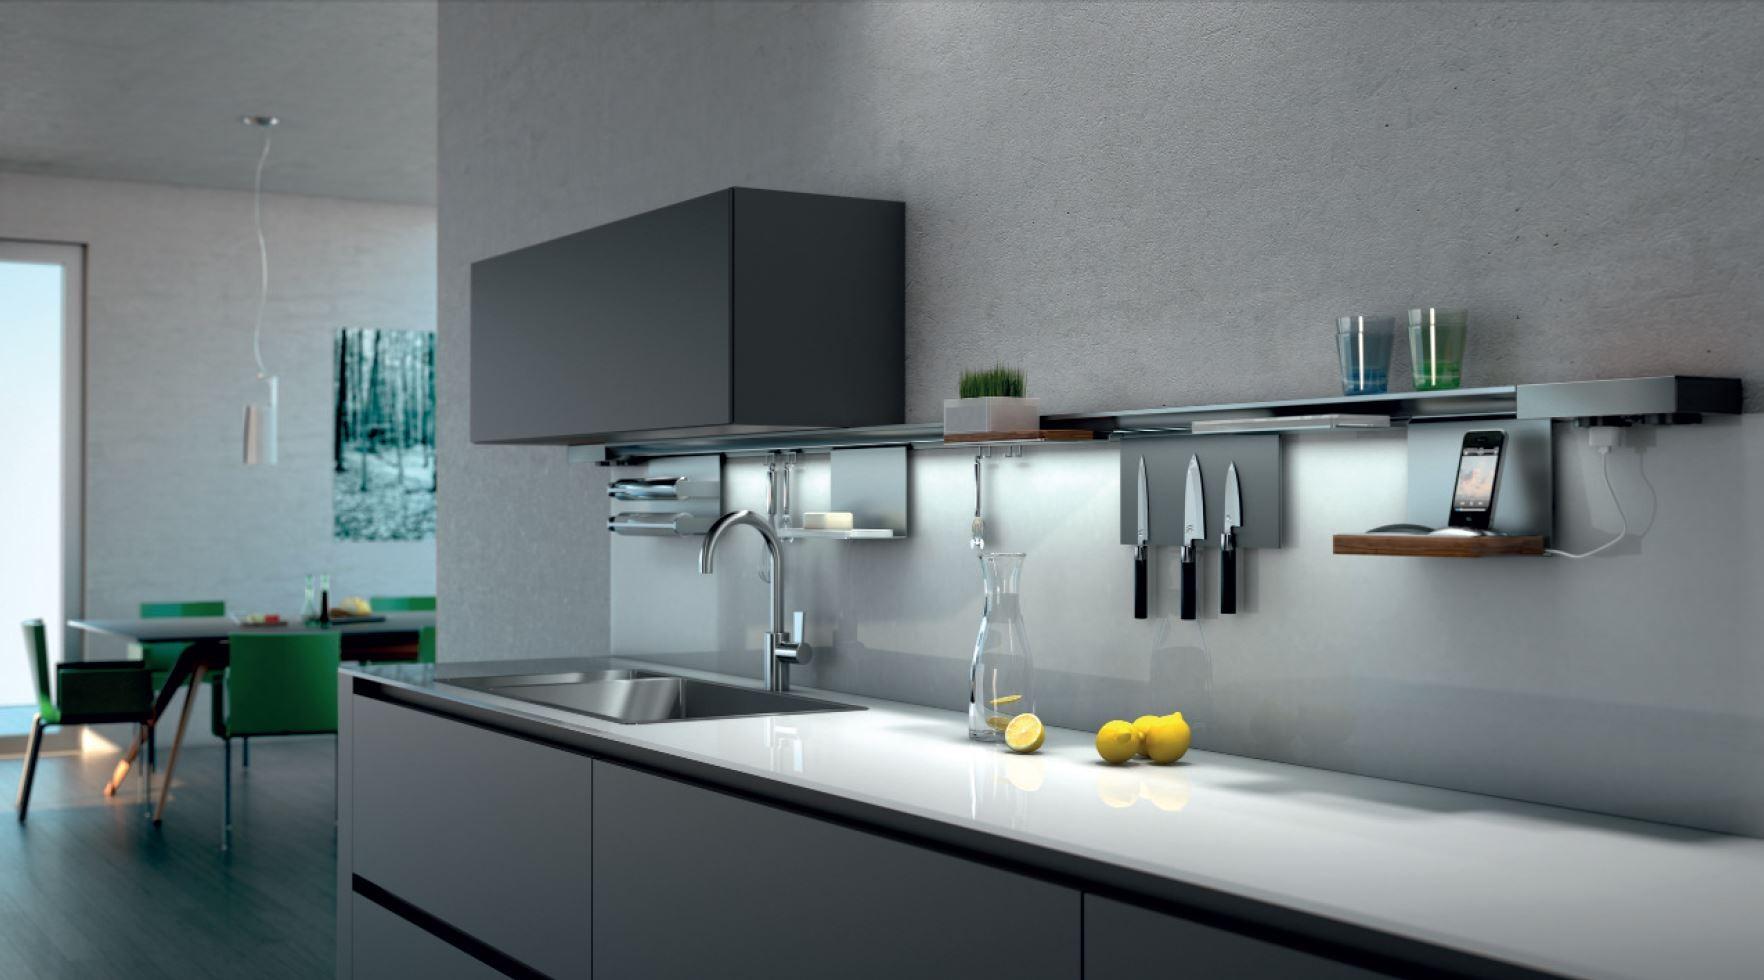 Miro tragerprofil schiene fur die wand 130 cm for Relingsystem küche